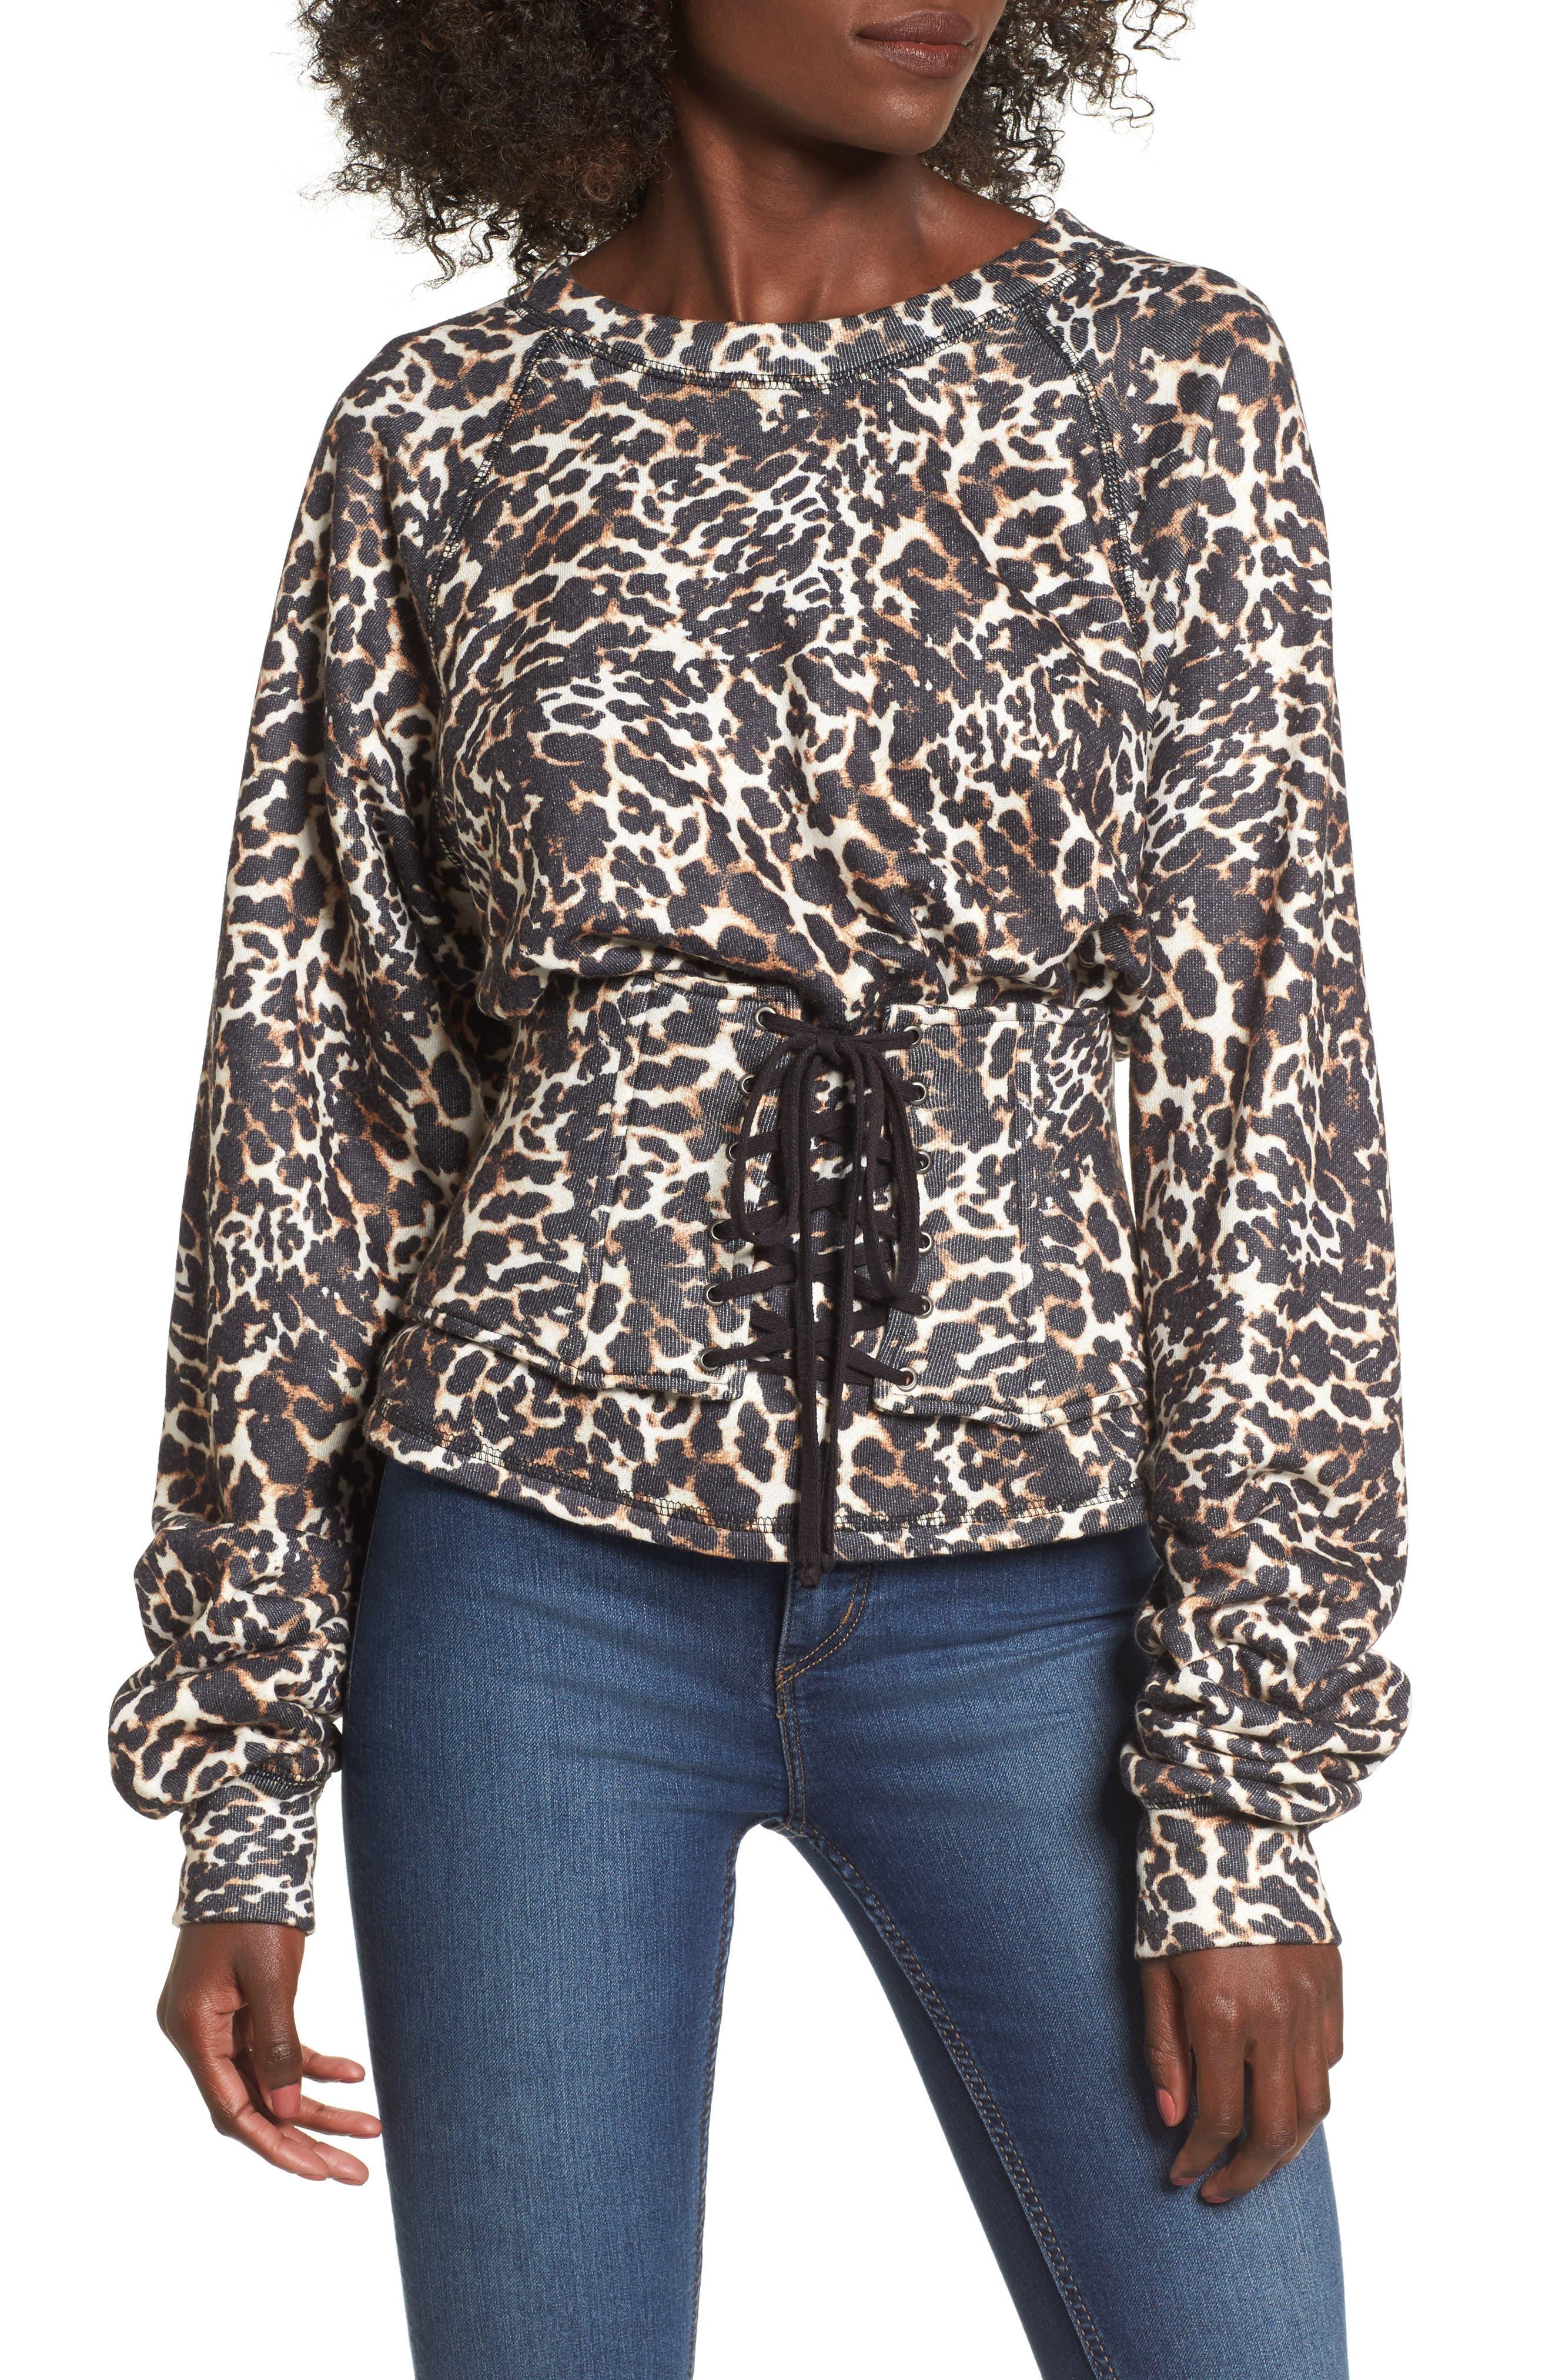 Mason Corset Sweatshirt,                             Main thumbnail 1, color,                             Leopard